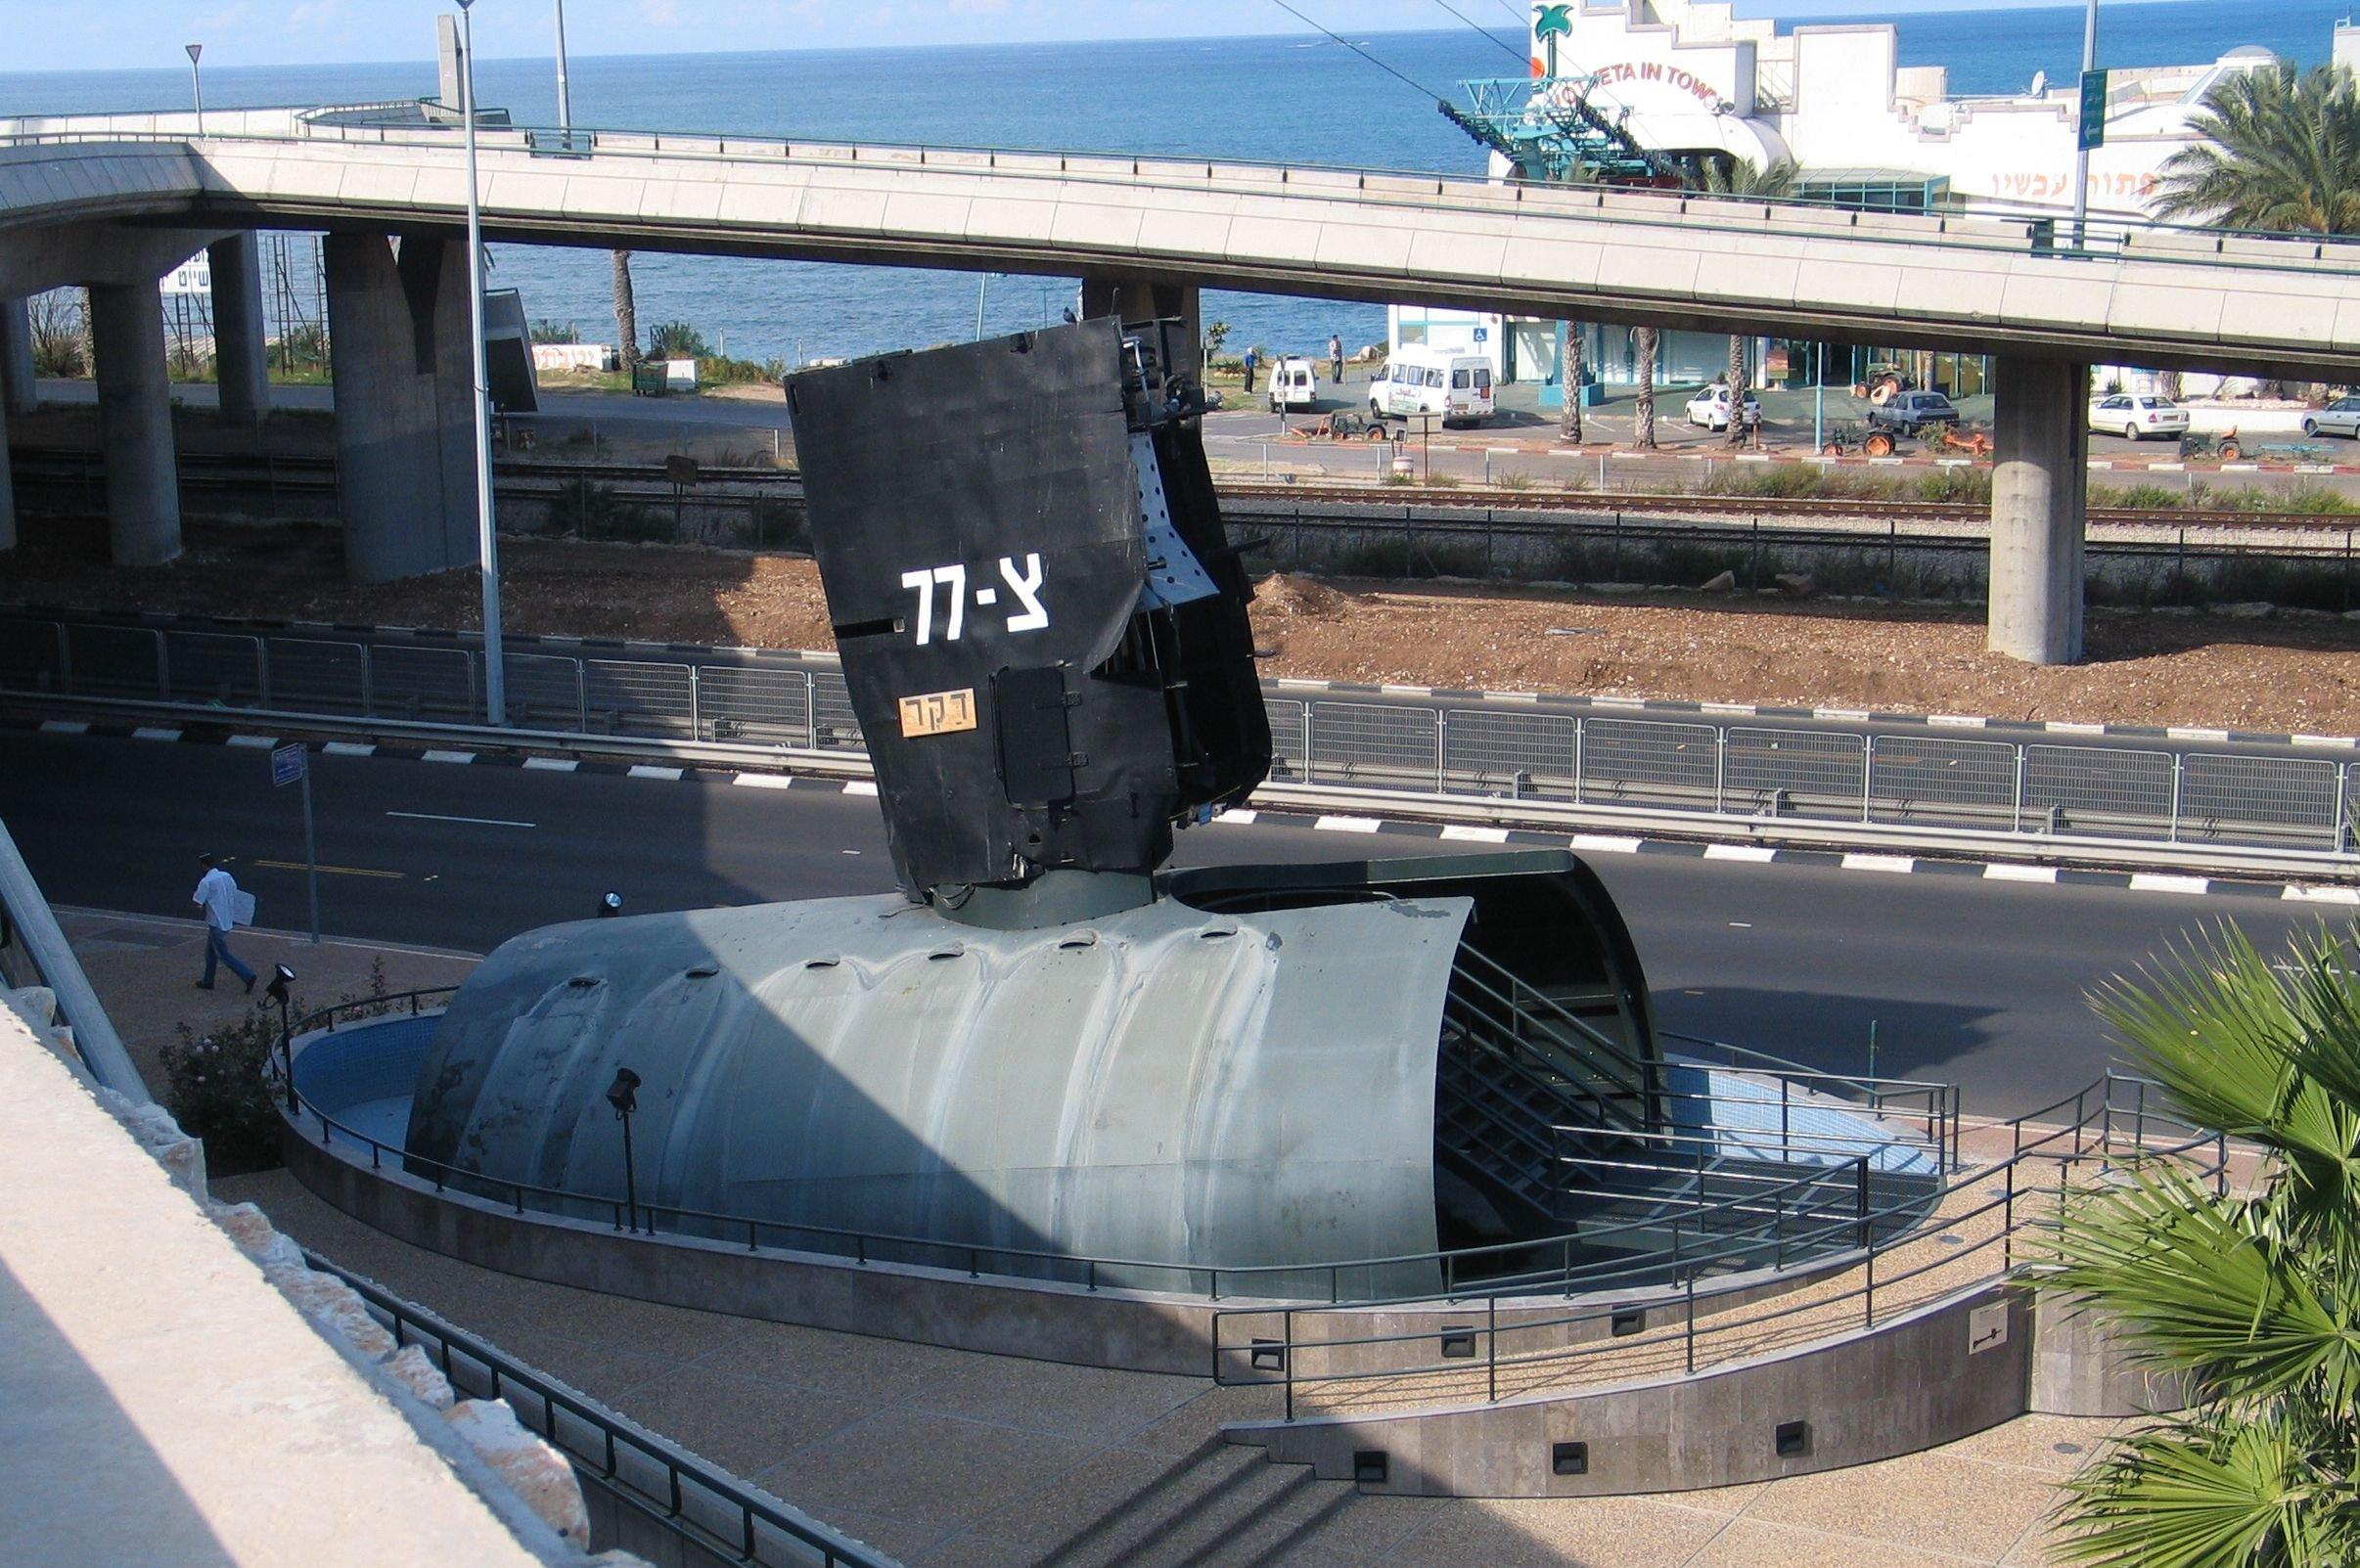 Parte do submarino INS Dakar em exibição em Haifa, Israel